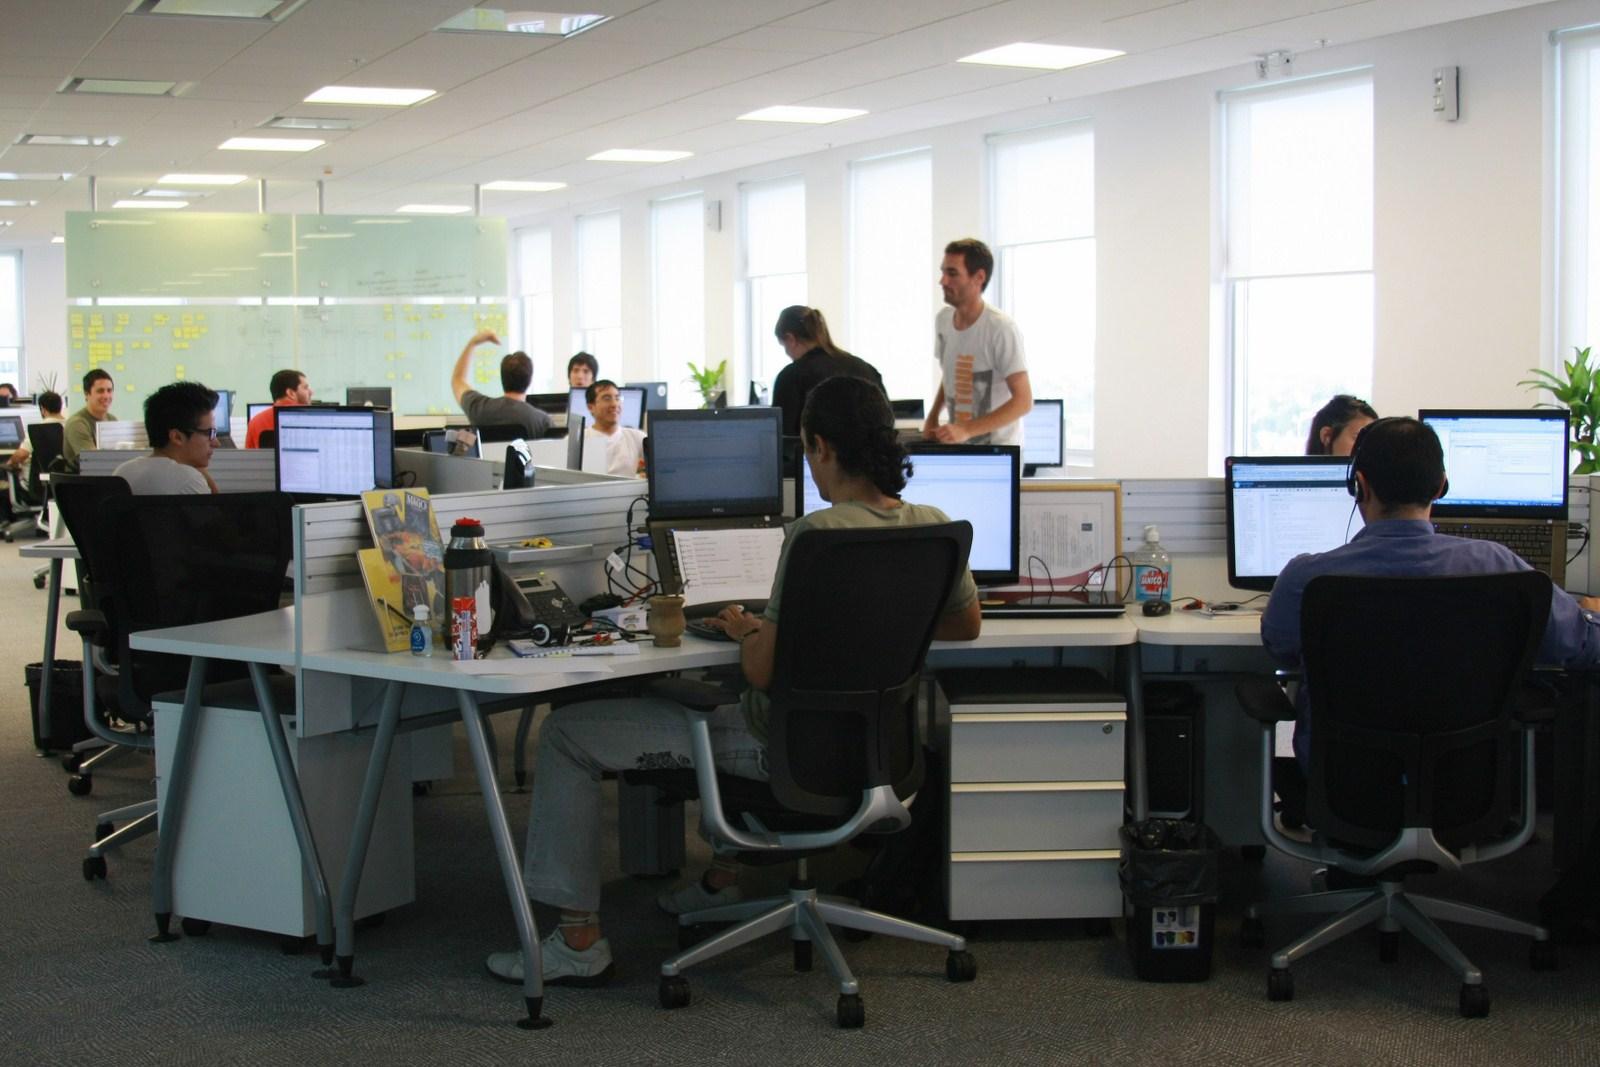 Gu a pr ctica para elegir la mejor oficina para tu empresa for Practica de oficina definicion